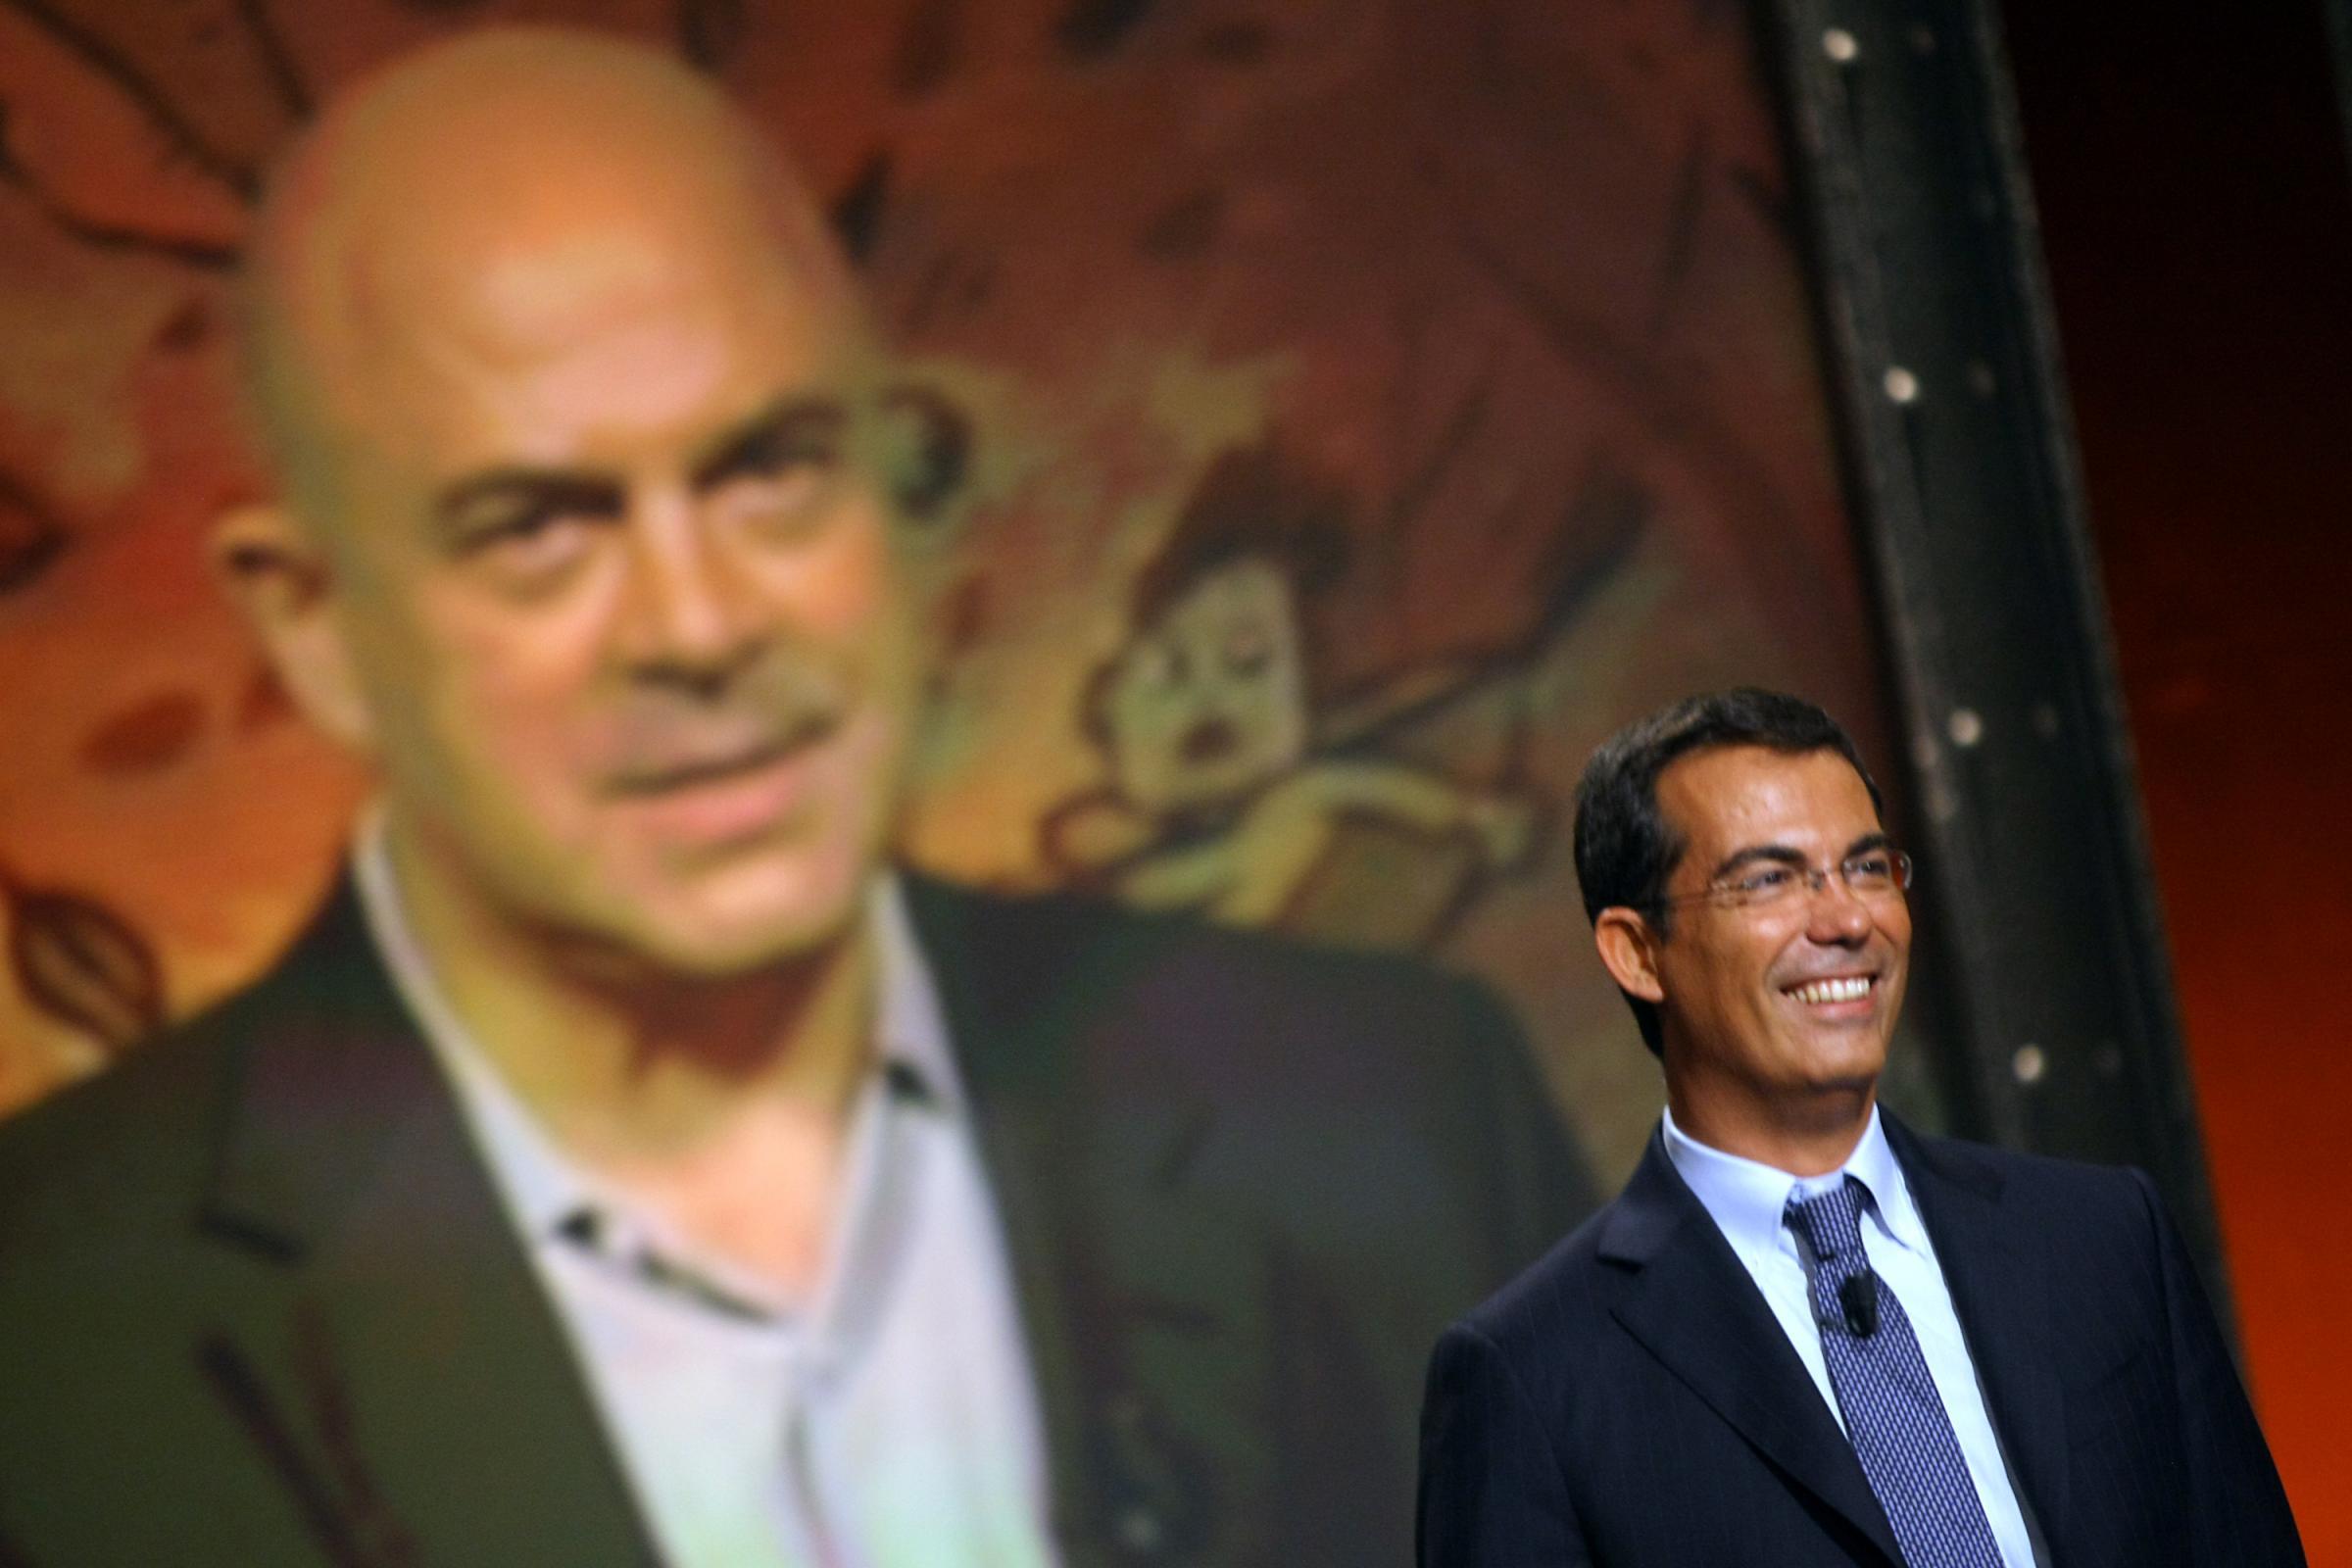 Ascolti TV martedì 28 maggio 2013: vince Ballarò con 4.2 milioni (16.2%)